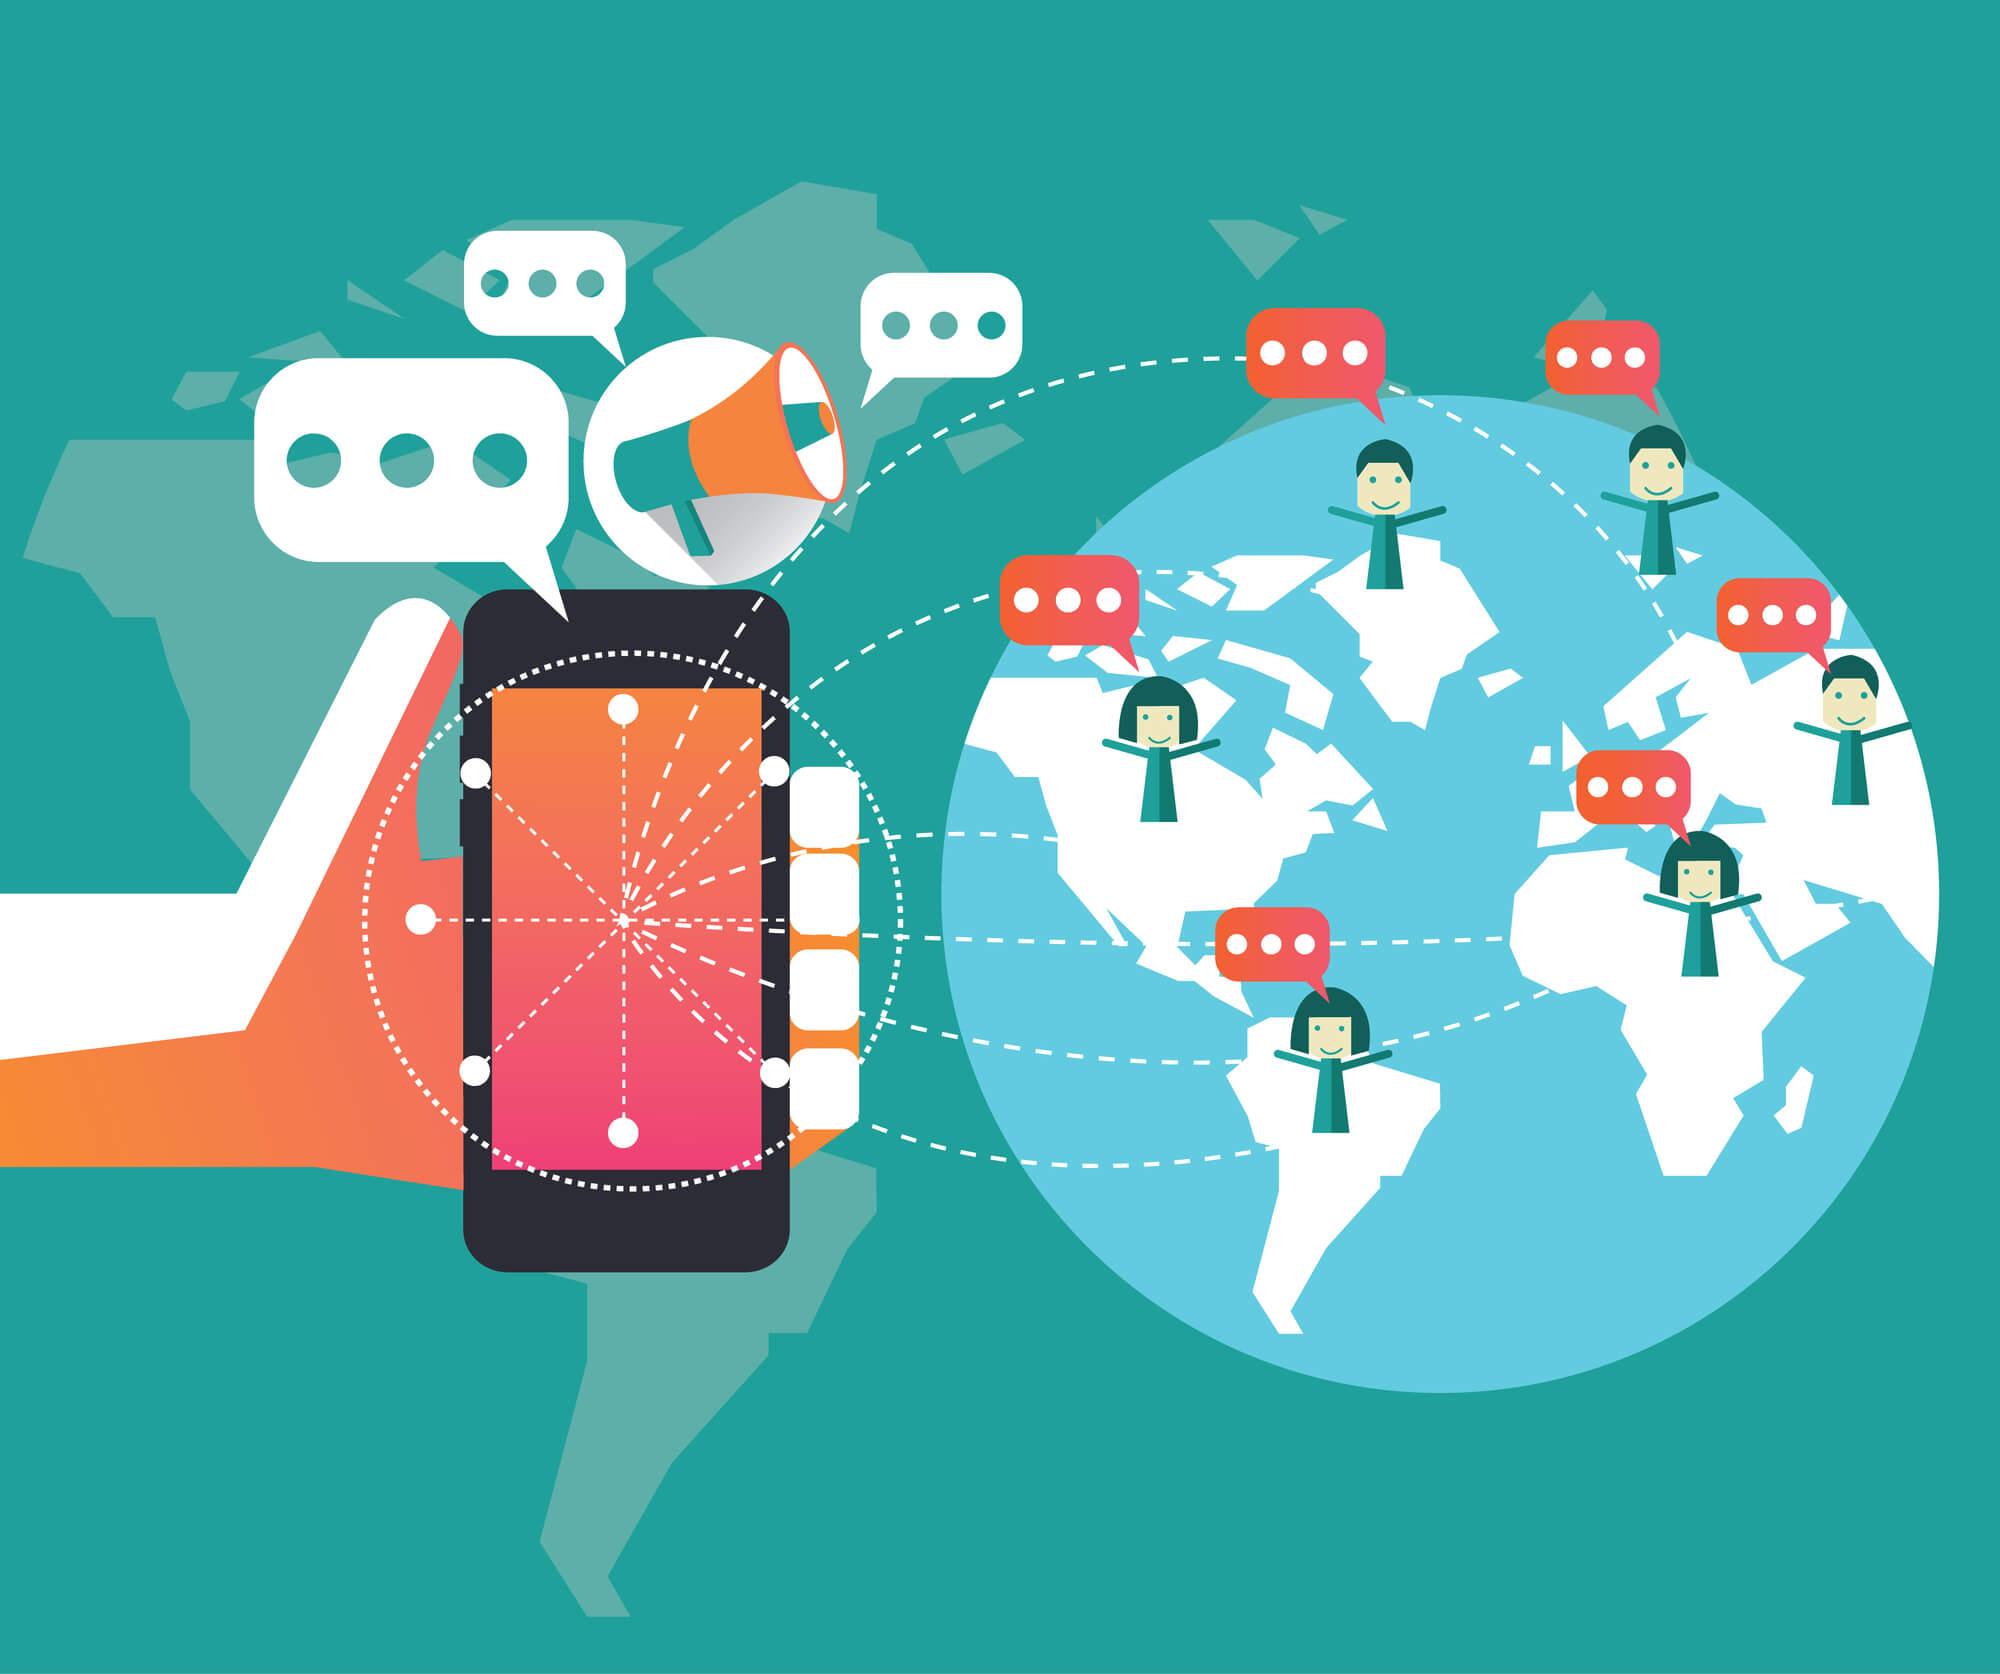 digital-marketing-social-media-concept